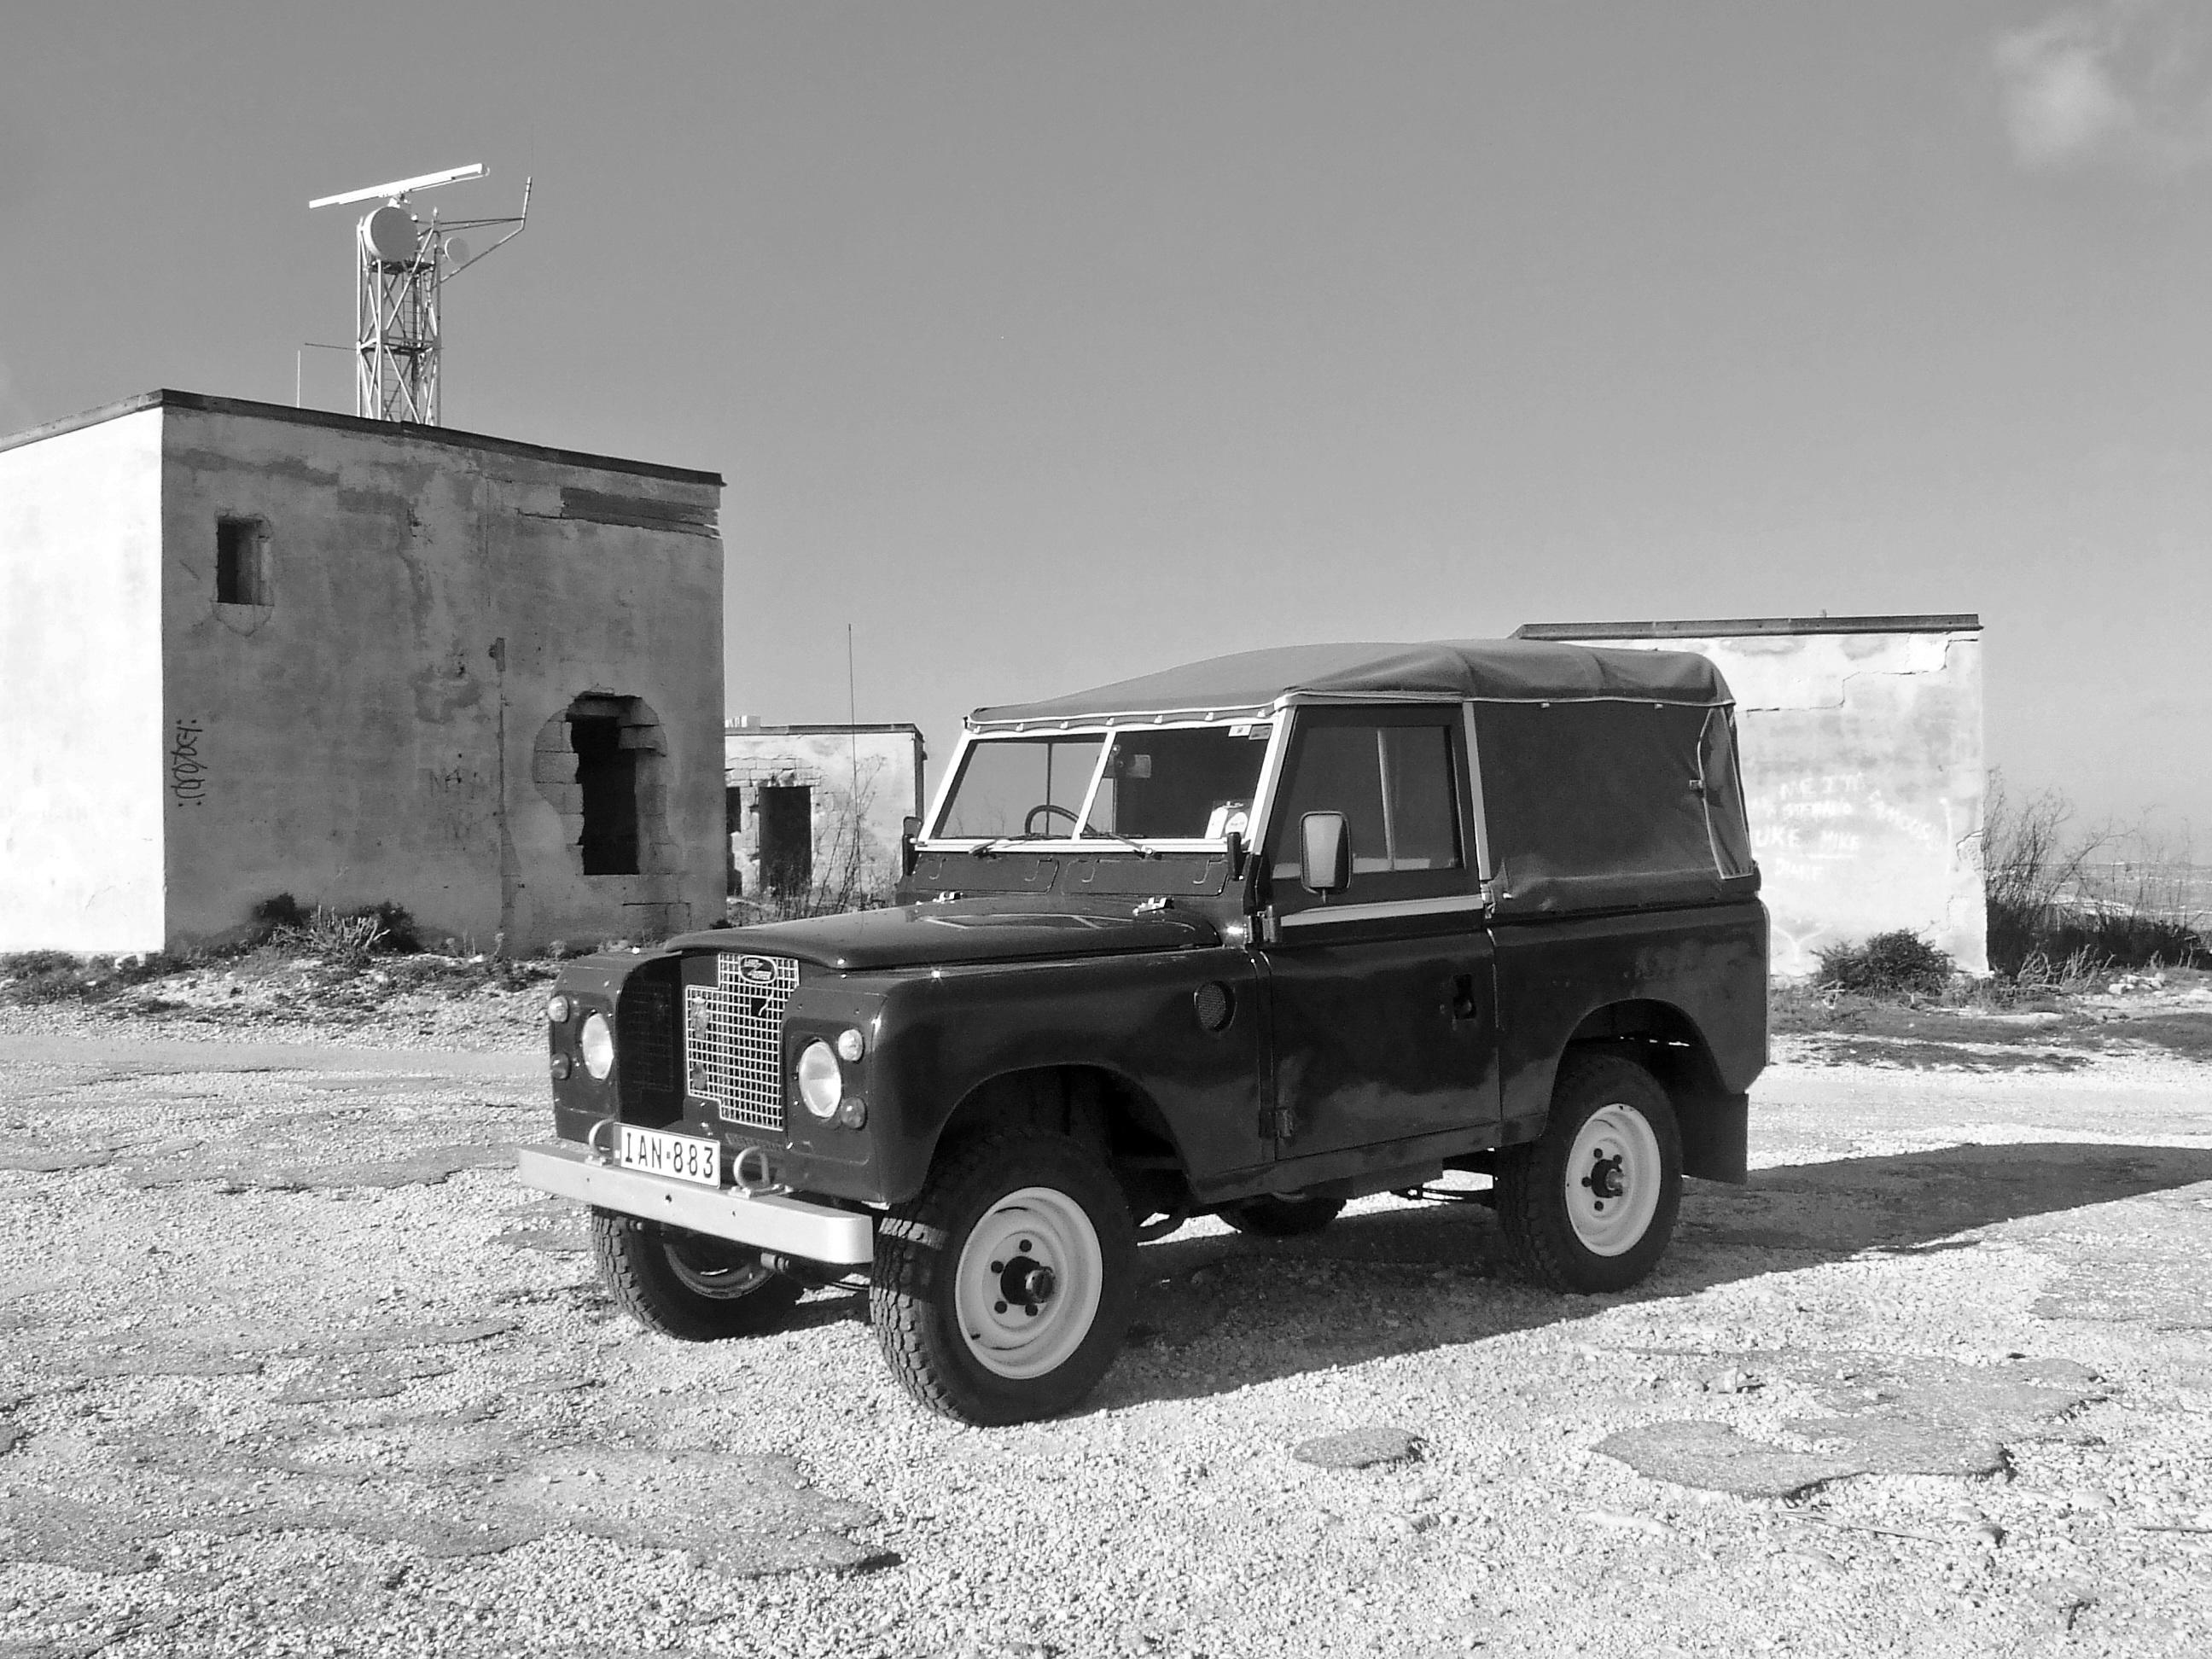 80+ Gambar Mobil Hitam Putih Terlihat Keren